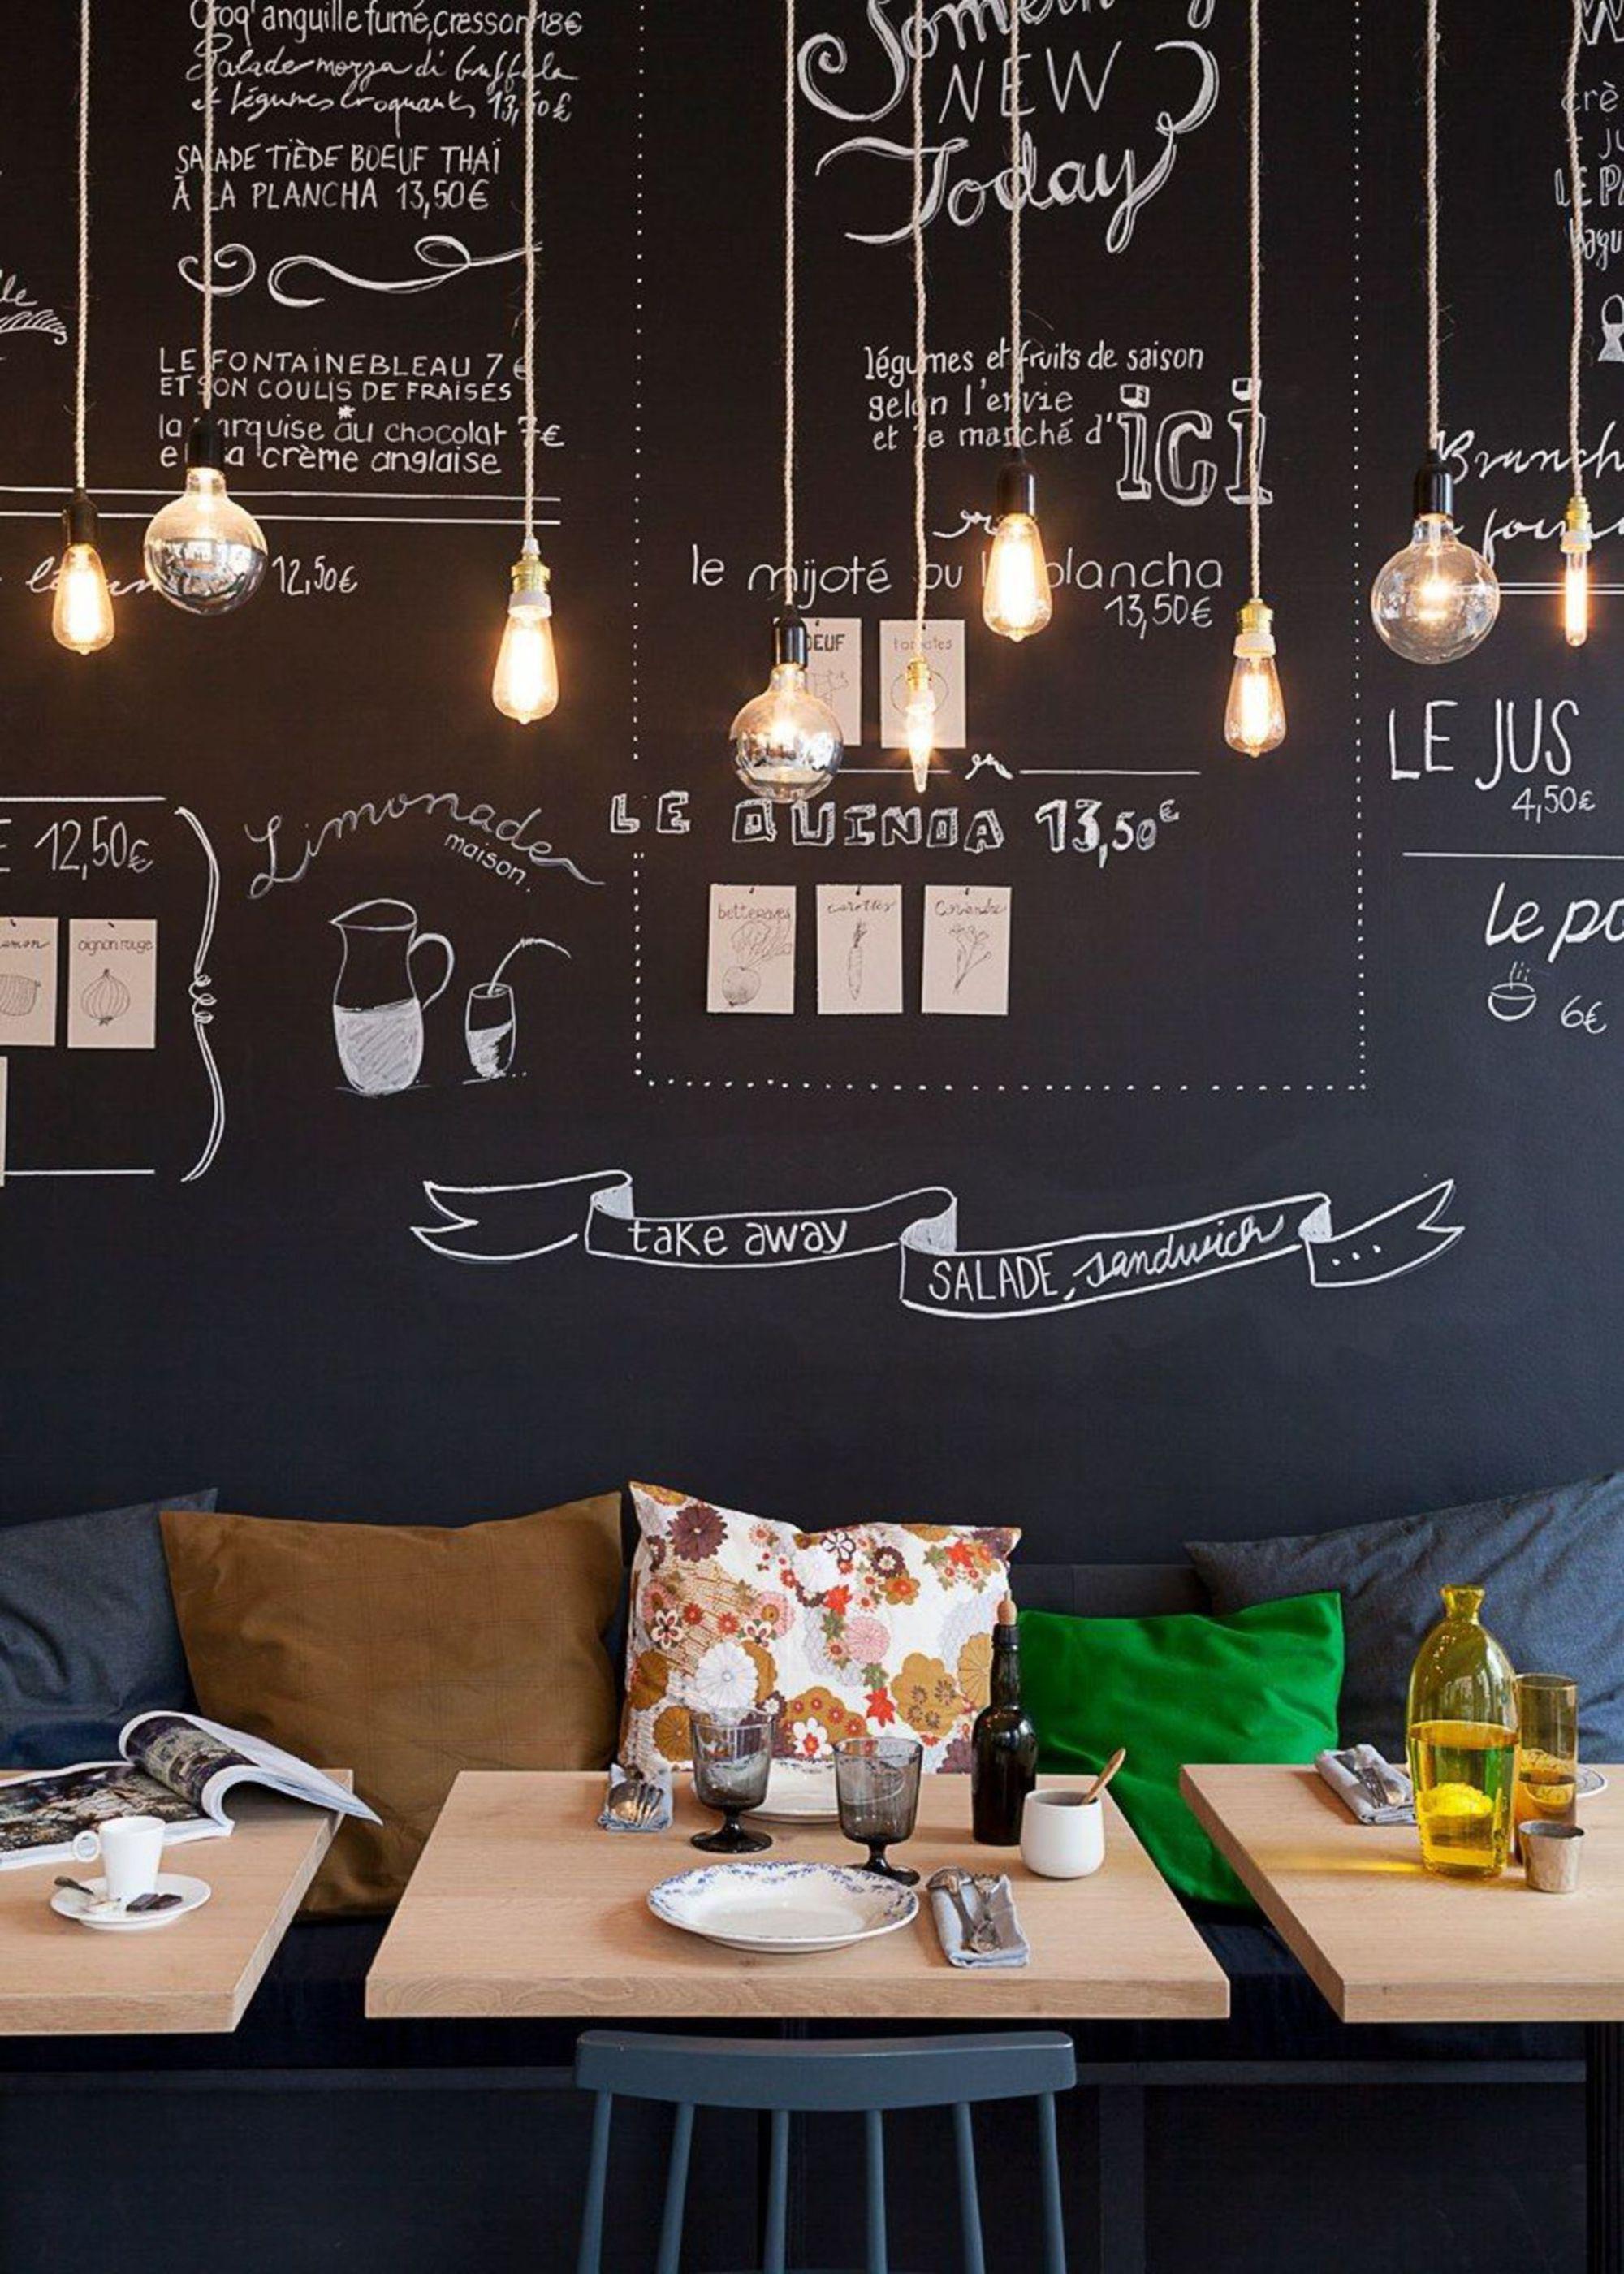 Deco cuisine bistrot : 19 idées déco  Cuisine bistrot, Decoration